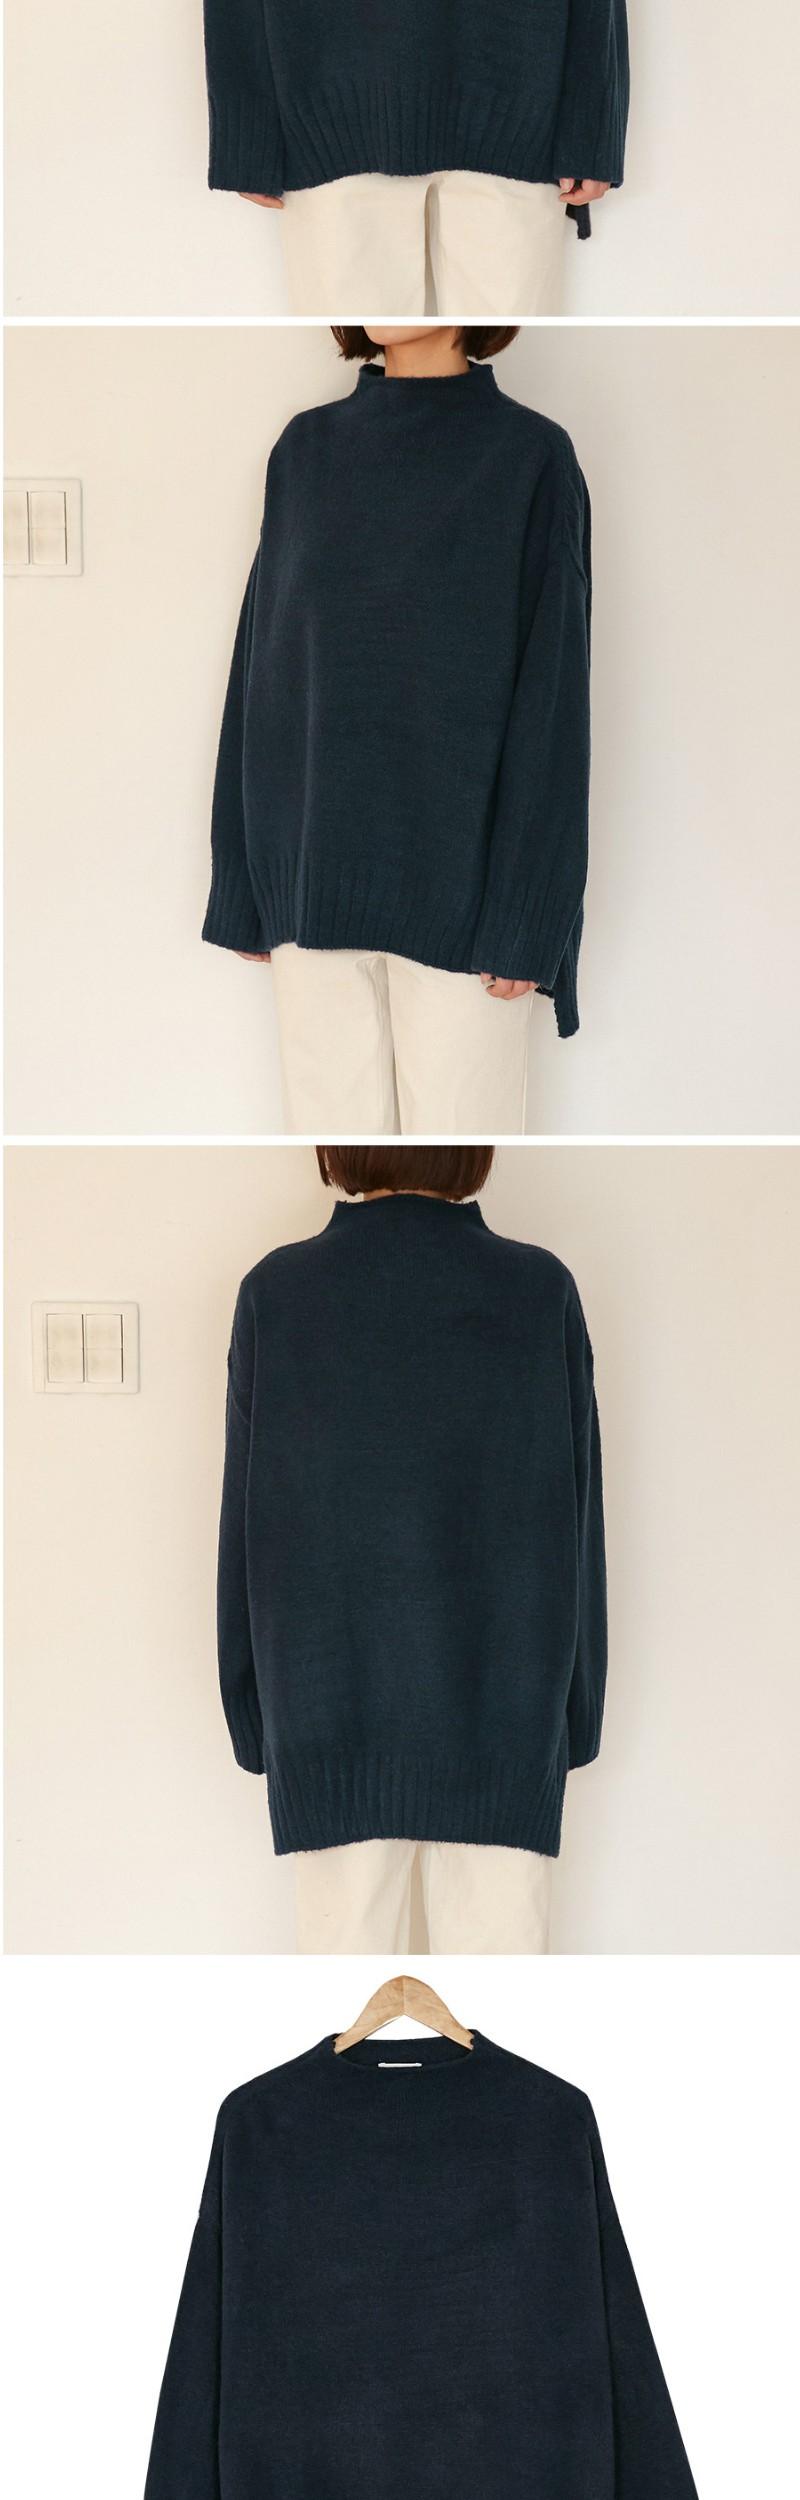 heavy unbal hemline knit